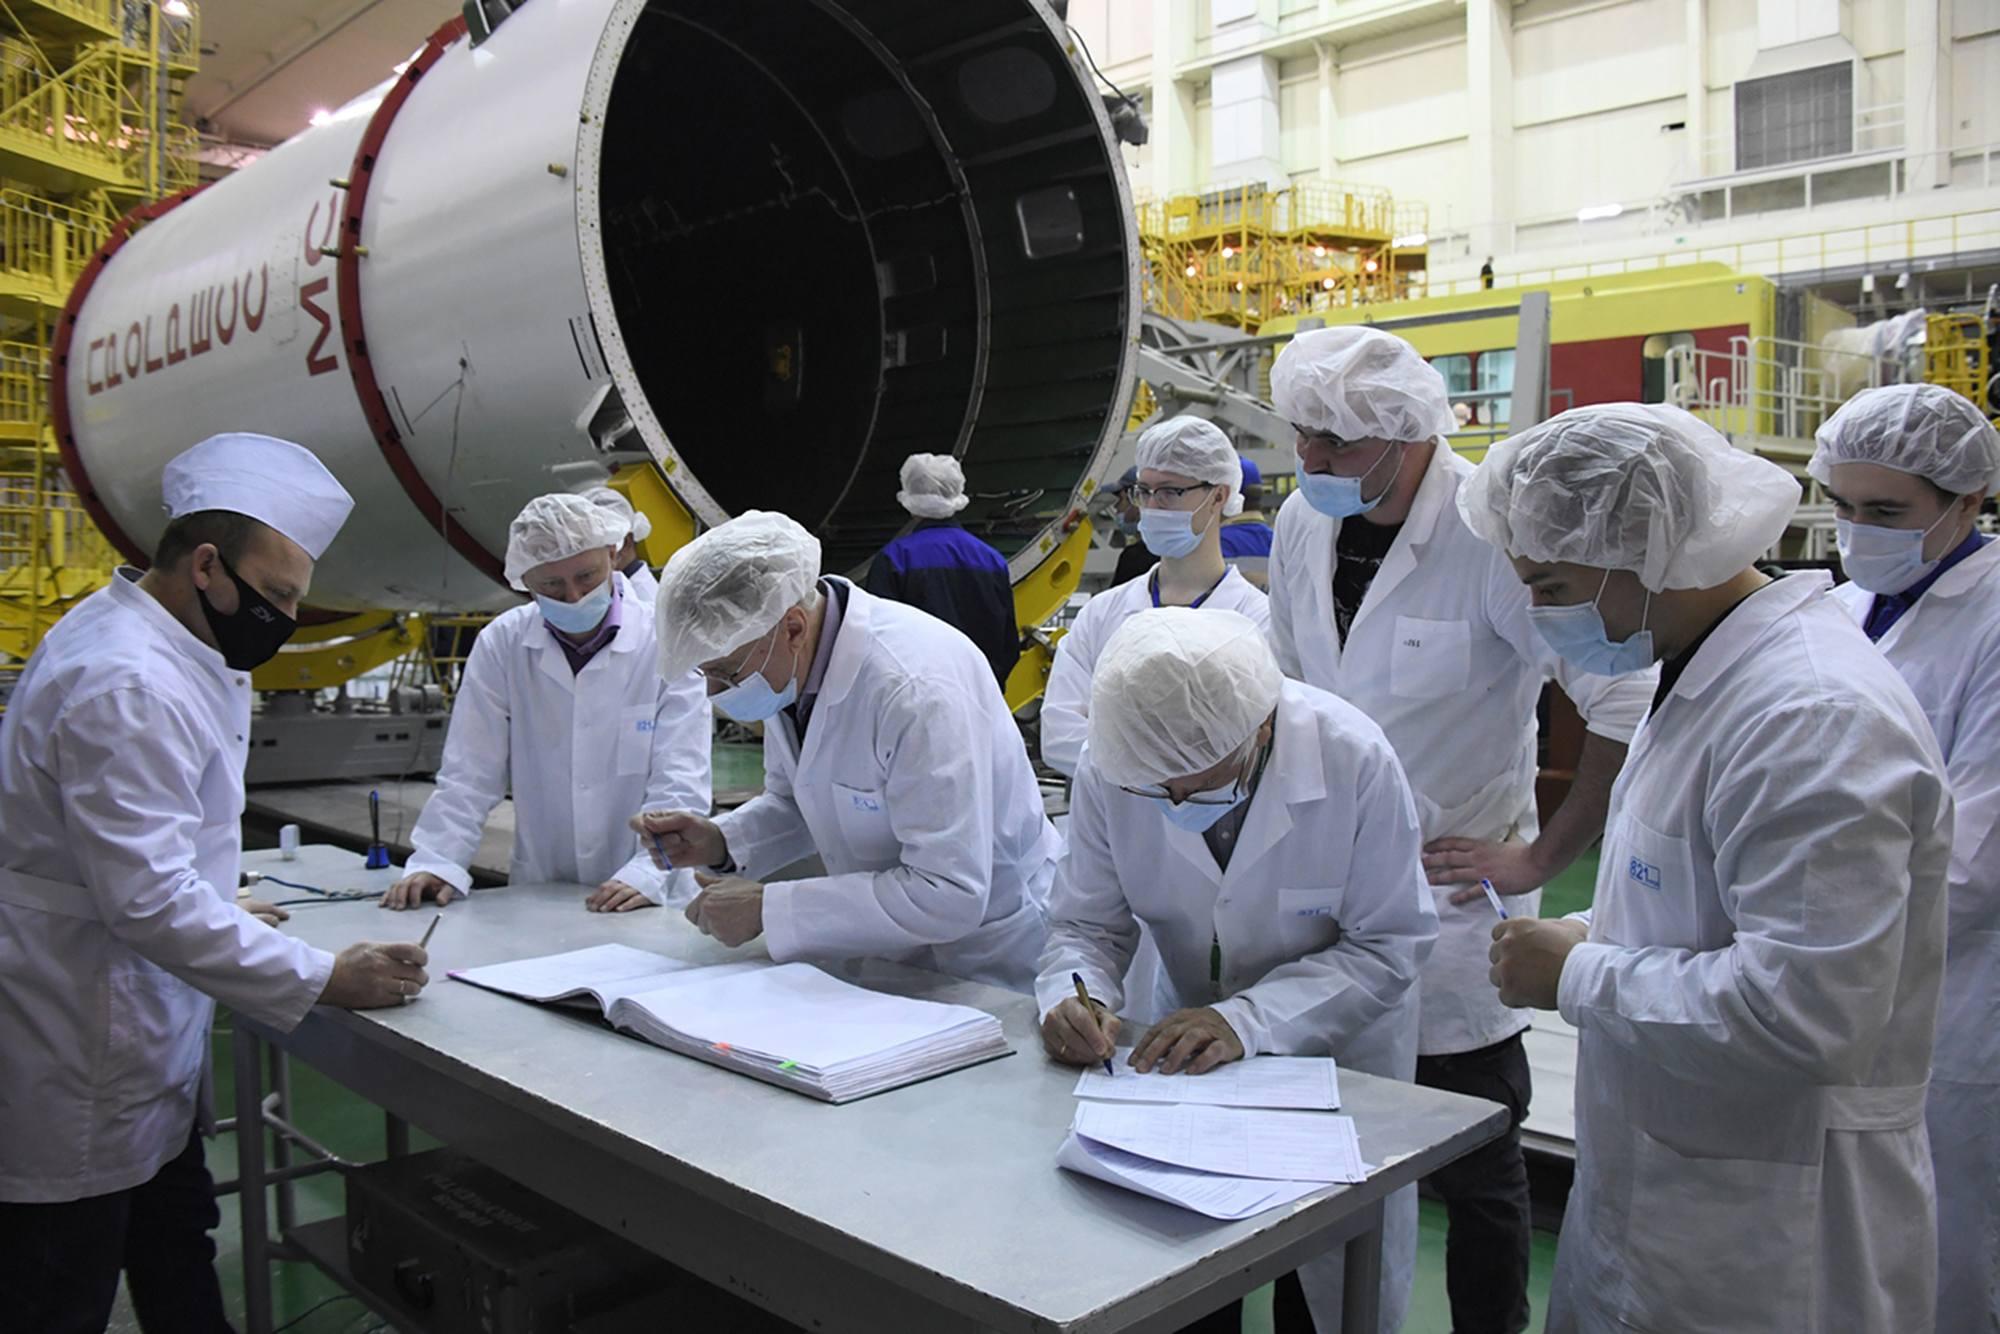 Les techniciens et ingénieurs viennent signer les registres de suivi des opérations.